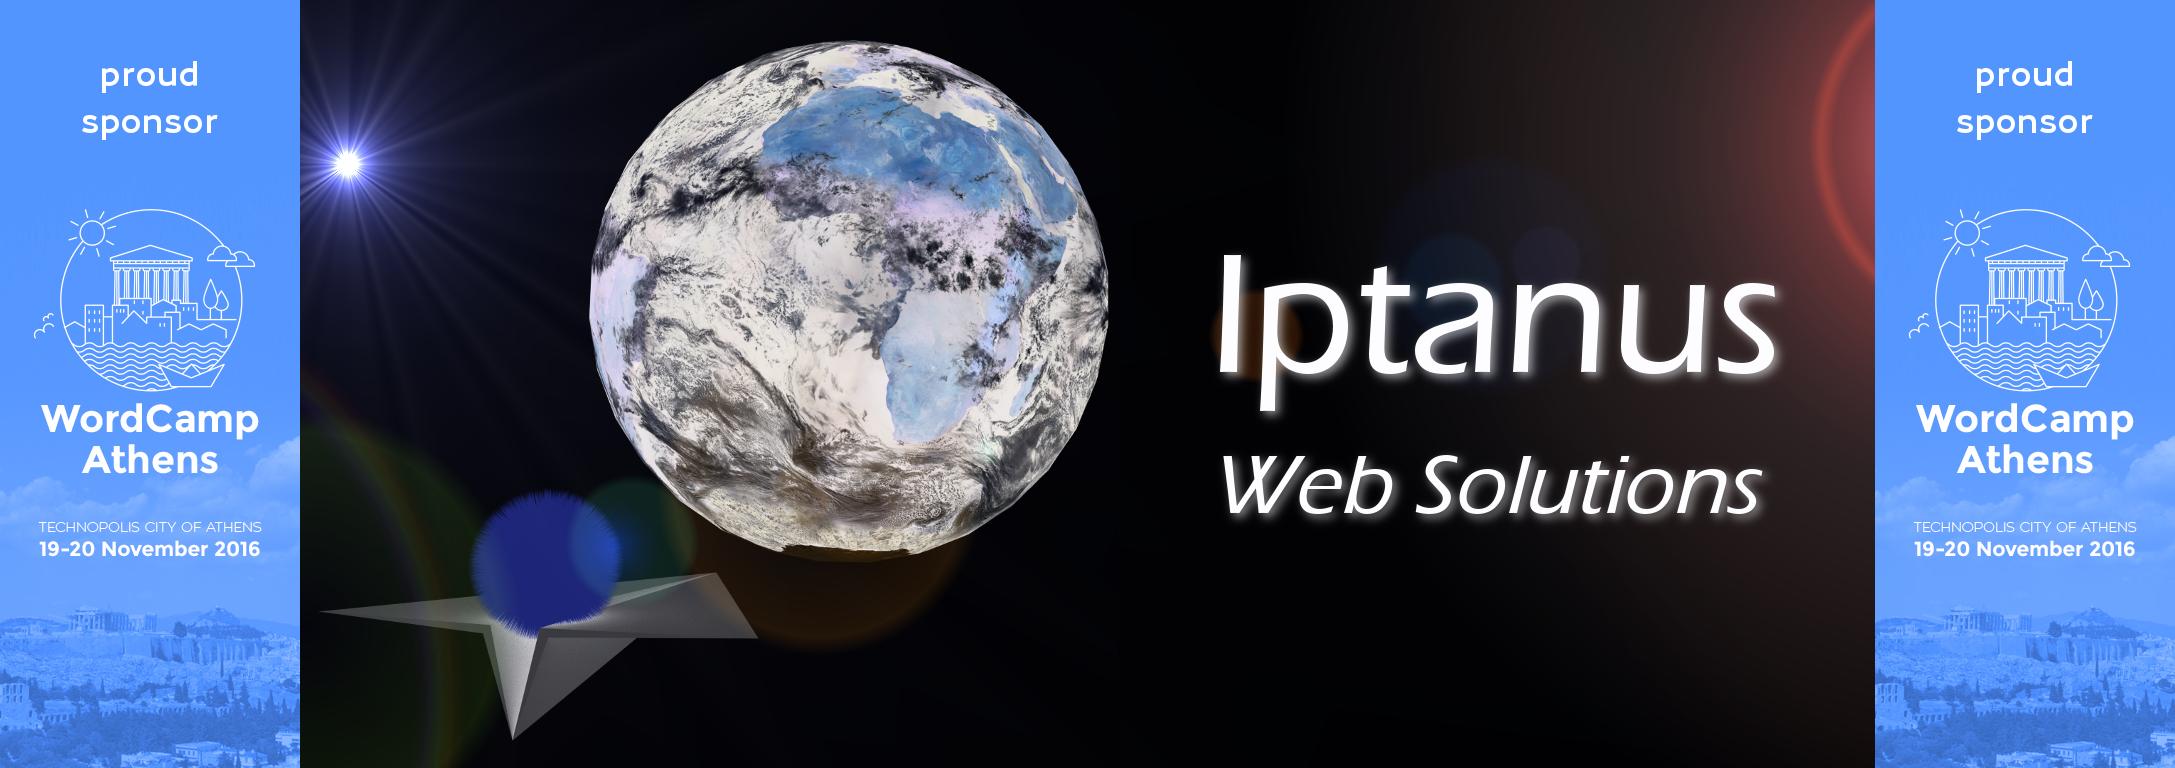 Iptanus